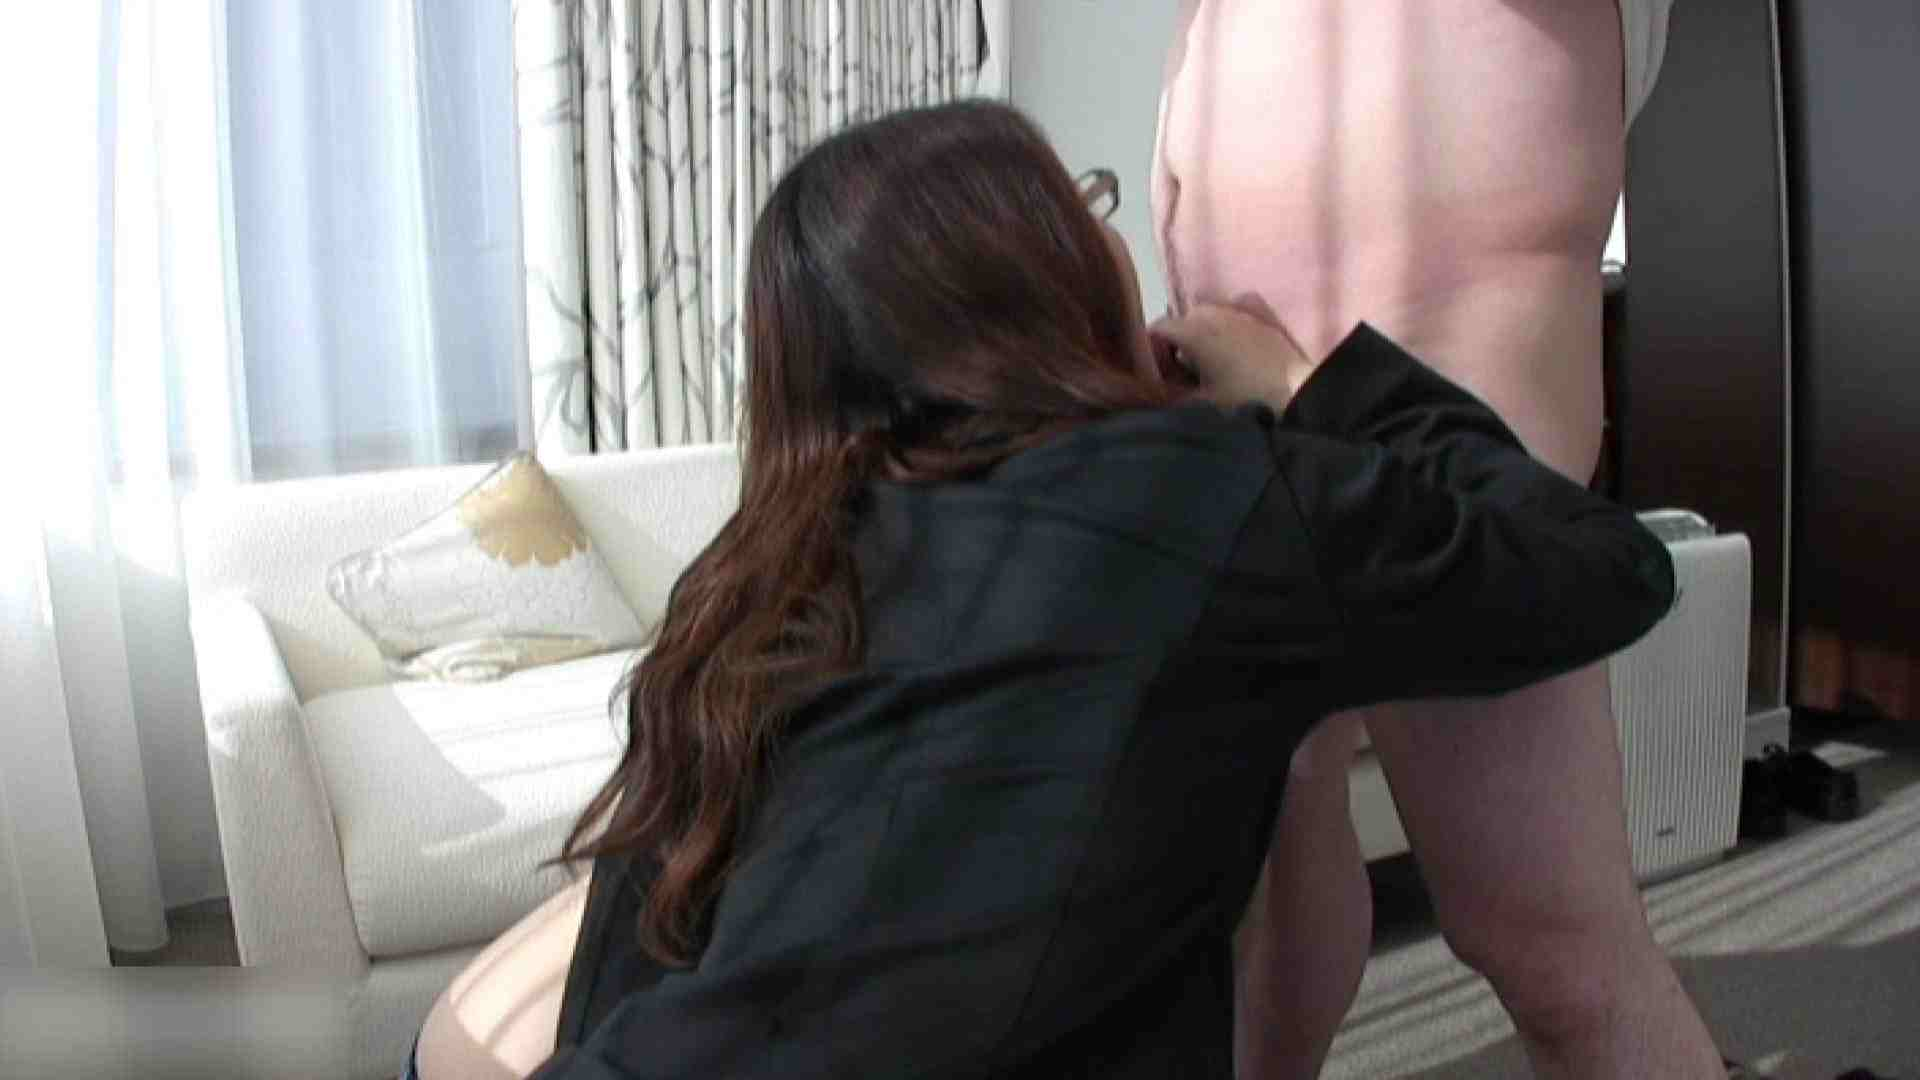 淫乱人妻 狂った宴 Vol.01 フェチ SEX無修正画像 105pic 46